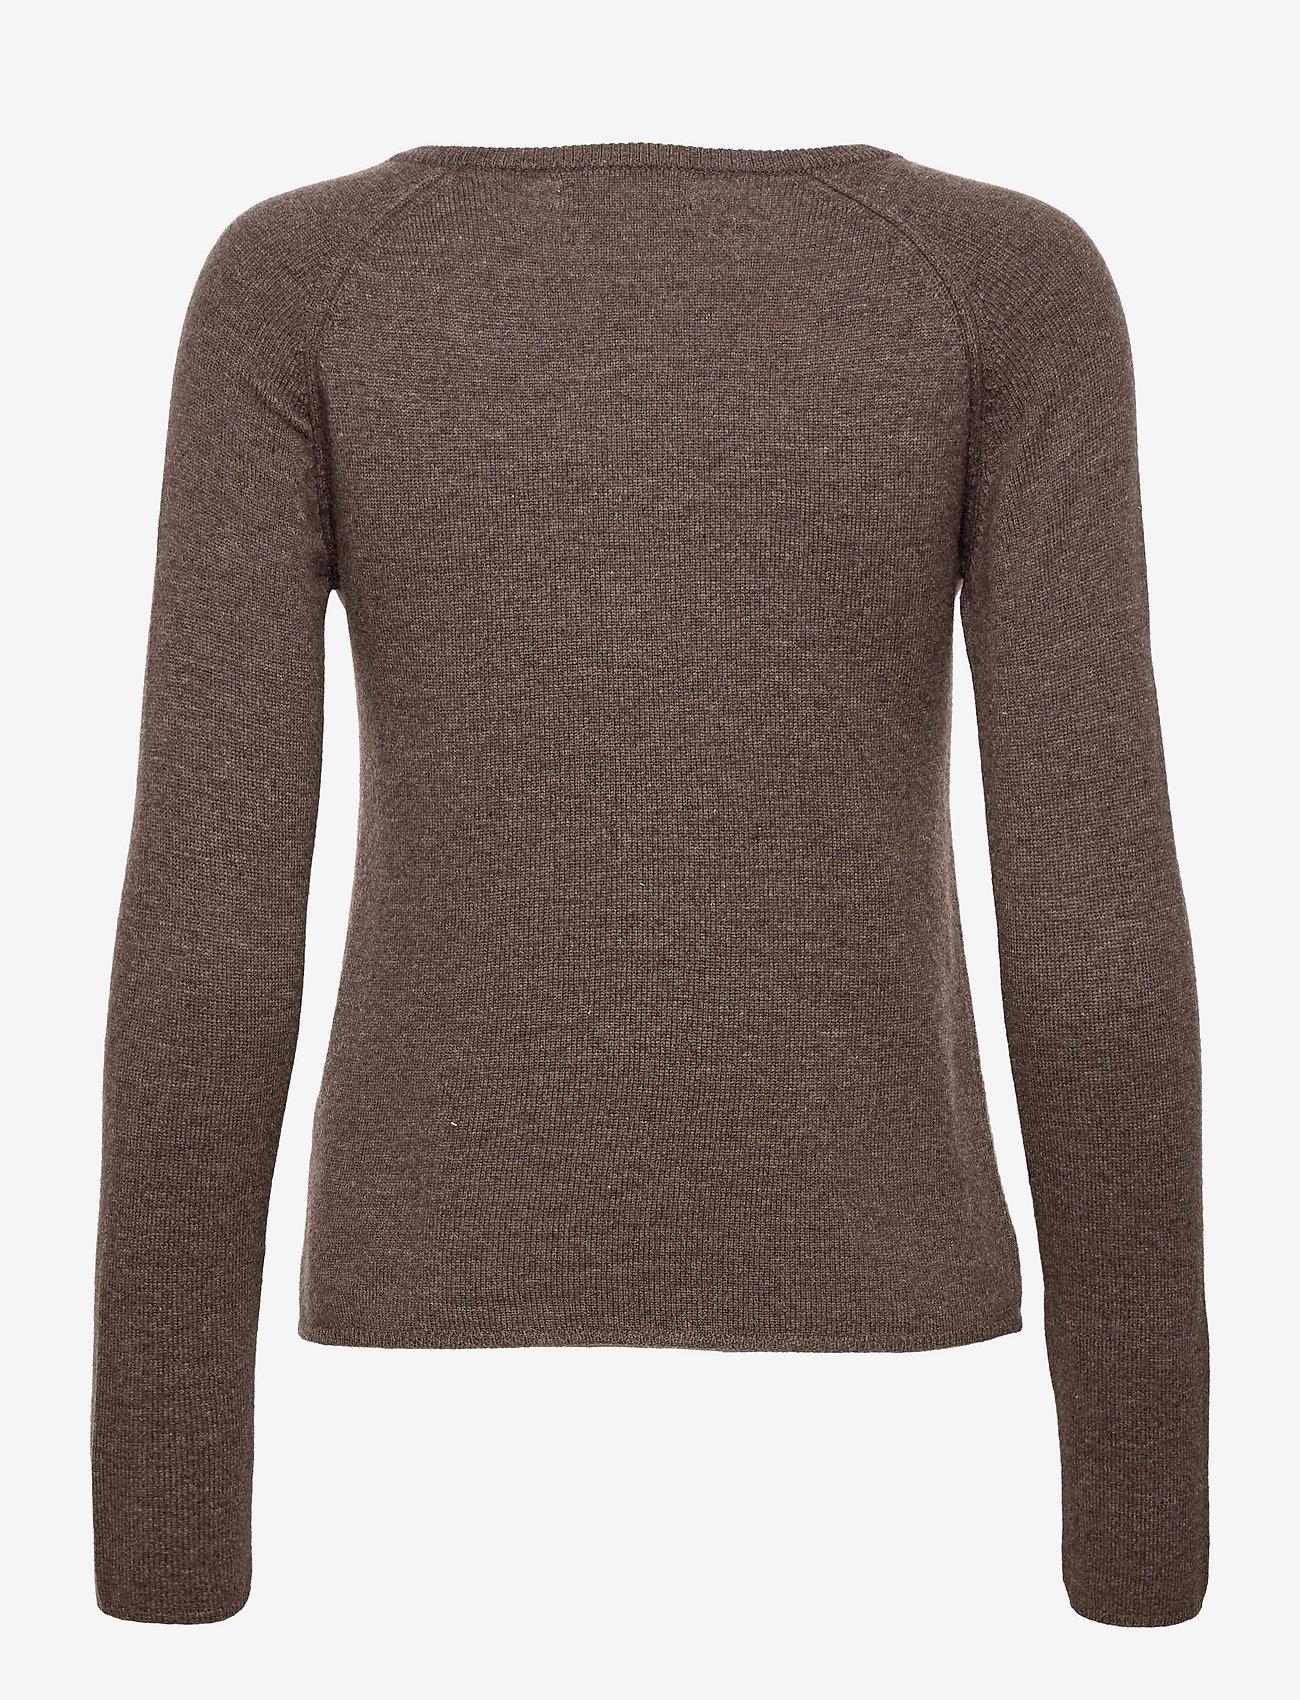 Rosemunde - Wool & cashmere cardigan - jakas - dark brown melange - 1